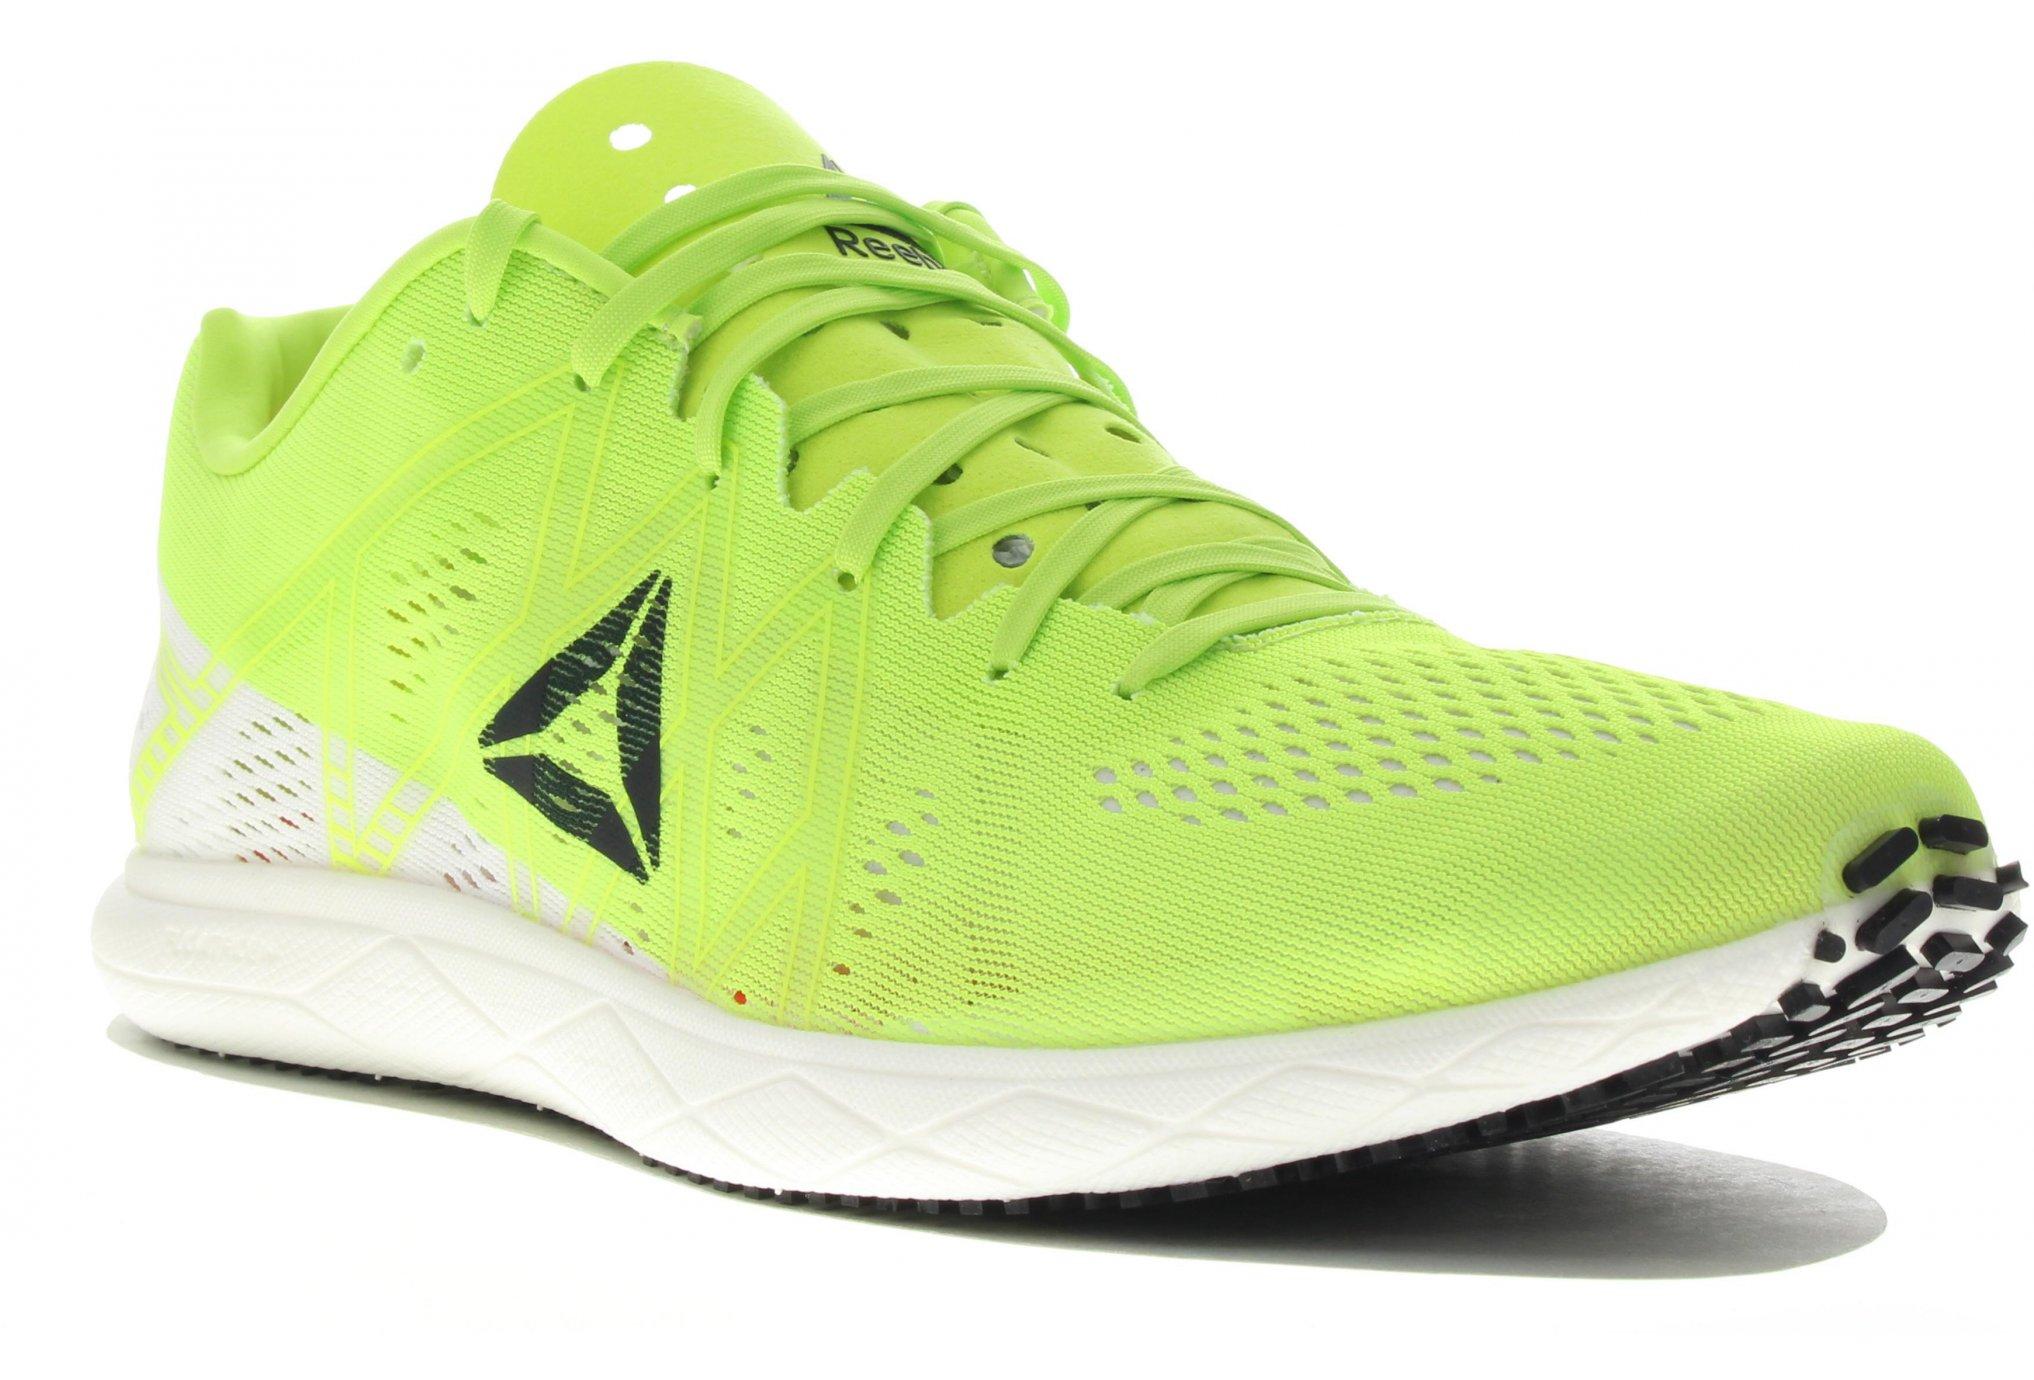 Reebok Floatride Run Fast Pro M Diététique Chaussures homme